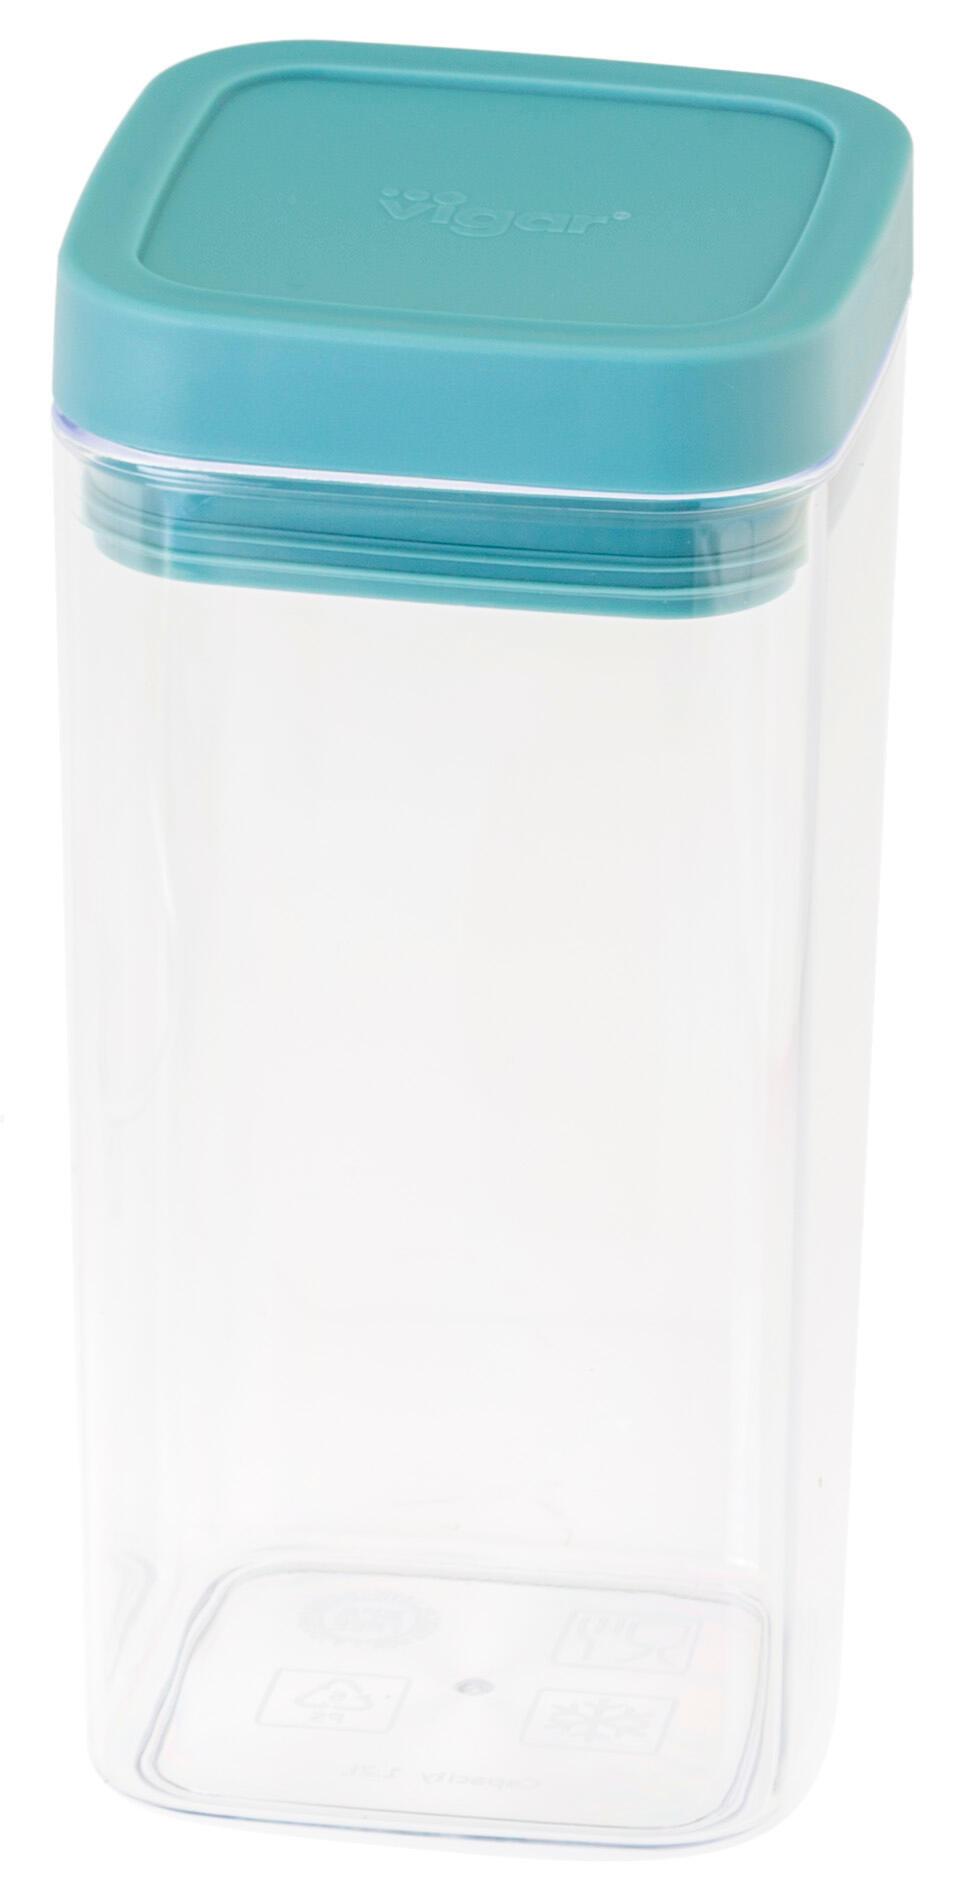 Contenitore da cucina in plastica 1.2 L - 3